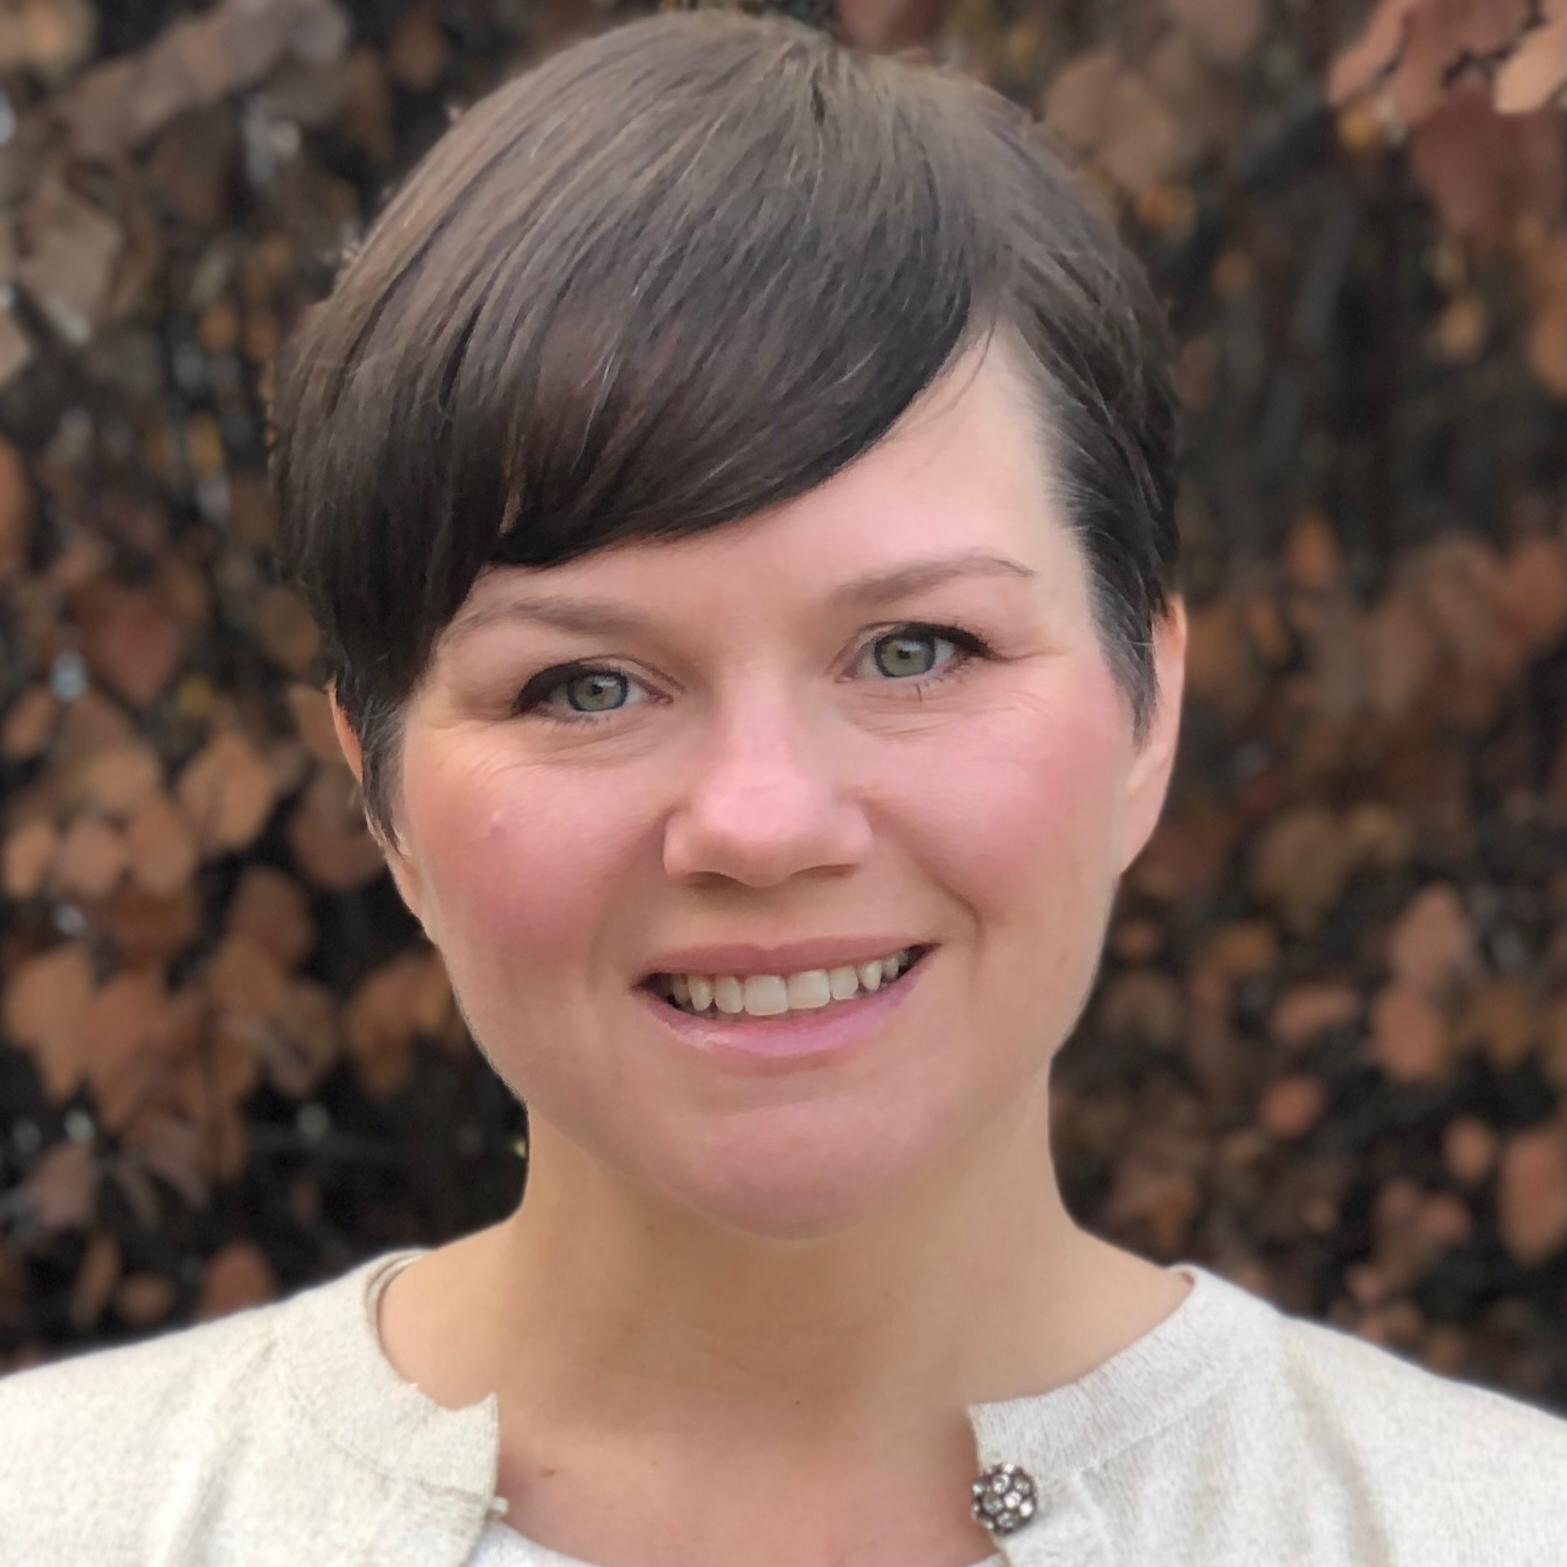 Ashley Meaux